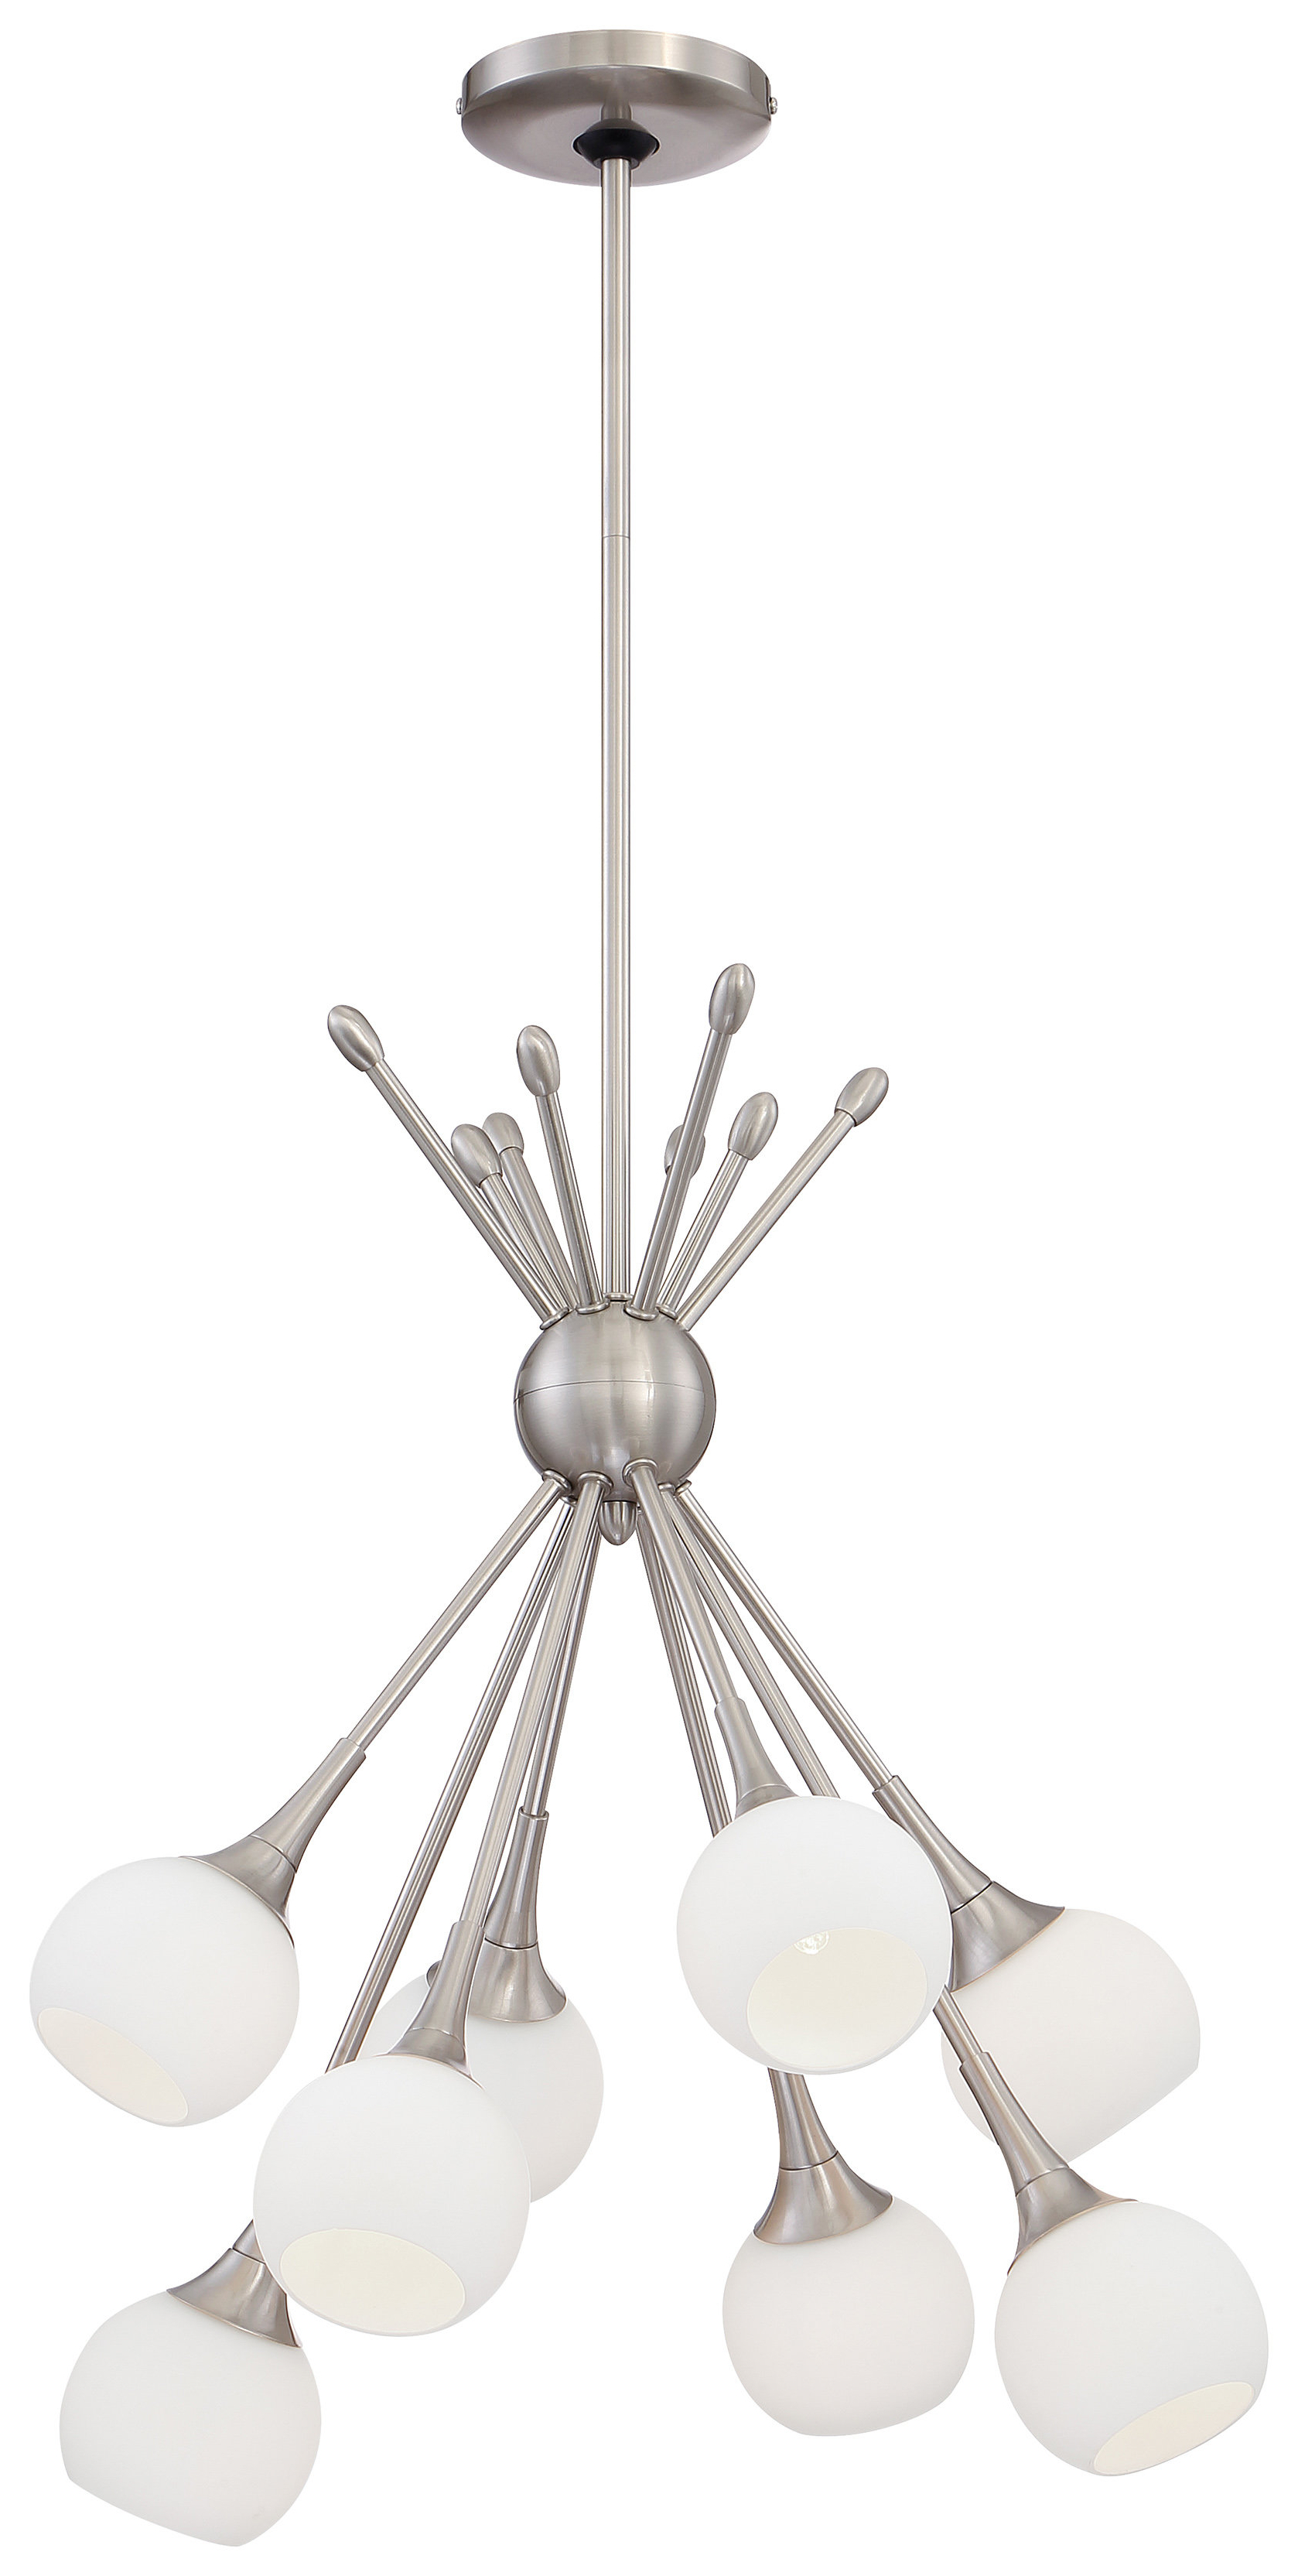 Silvia 6 Light Sputnik Chandeliers Intended For Favorite Silvia 8 Light Chandelier (View 11 of 25)